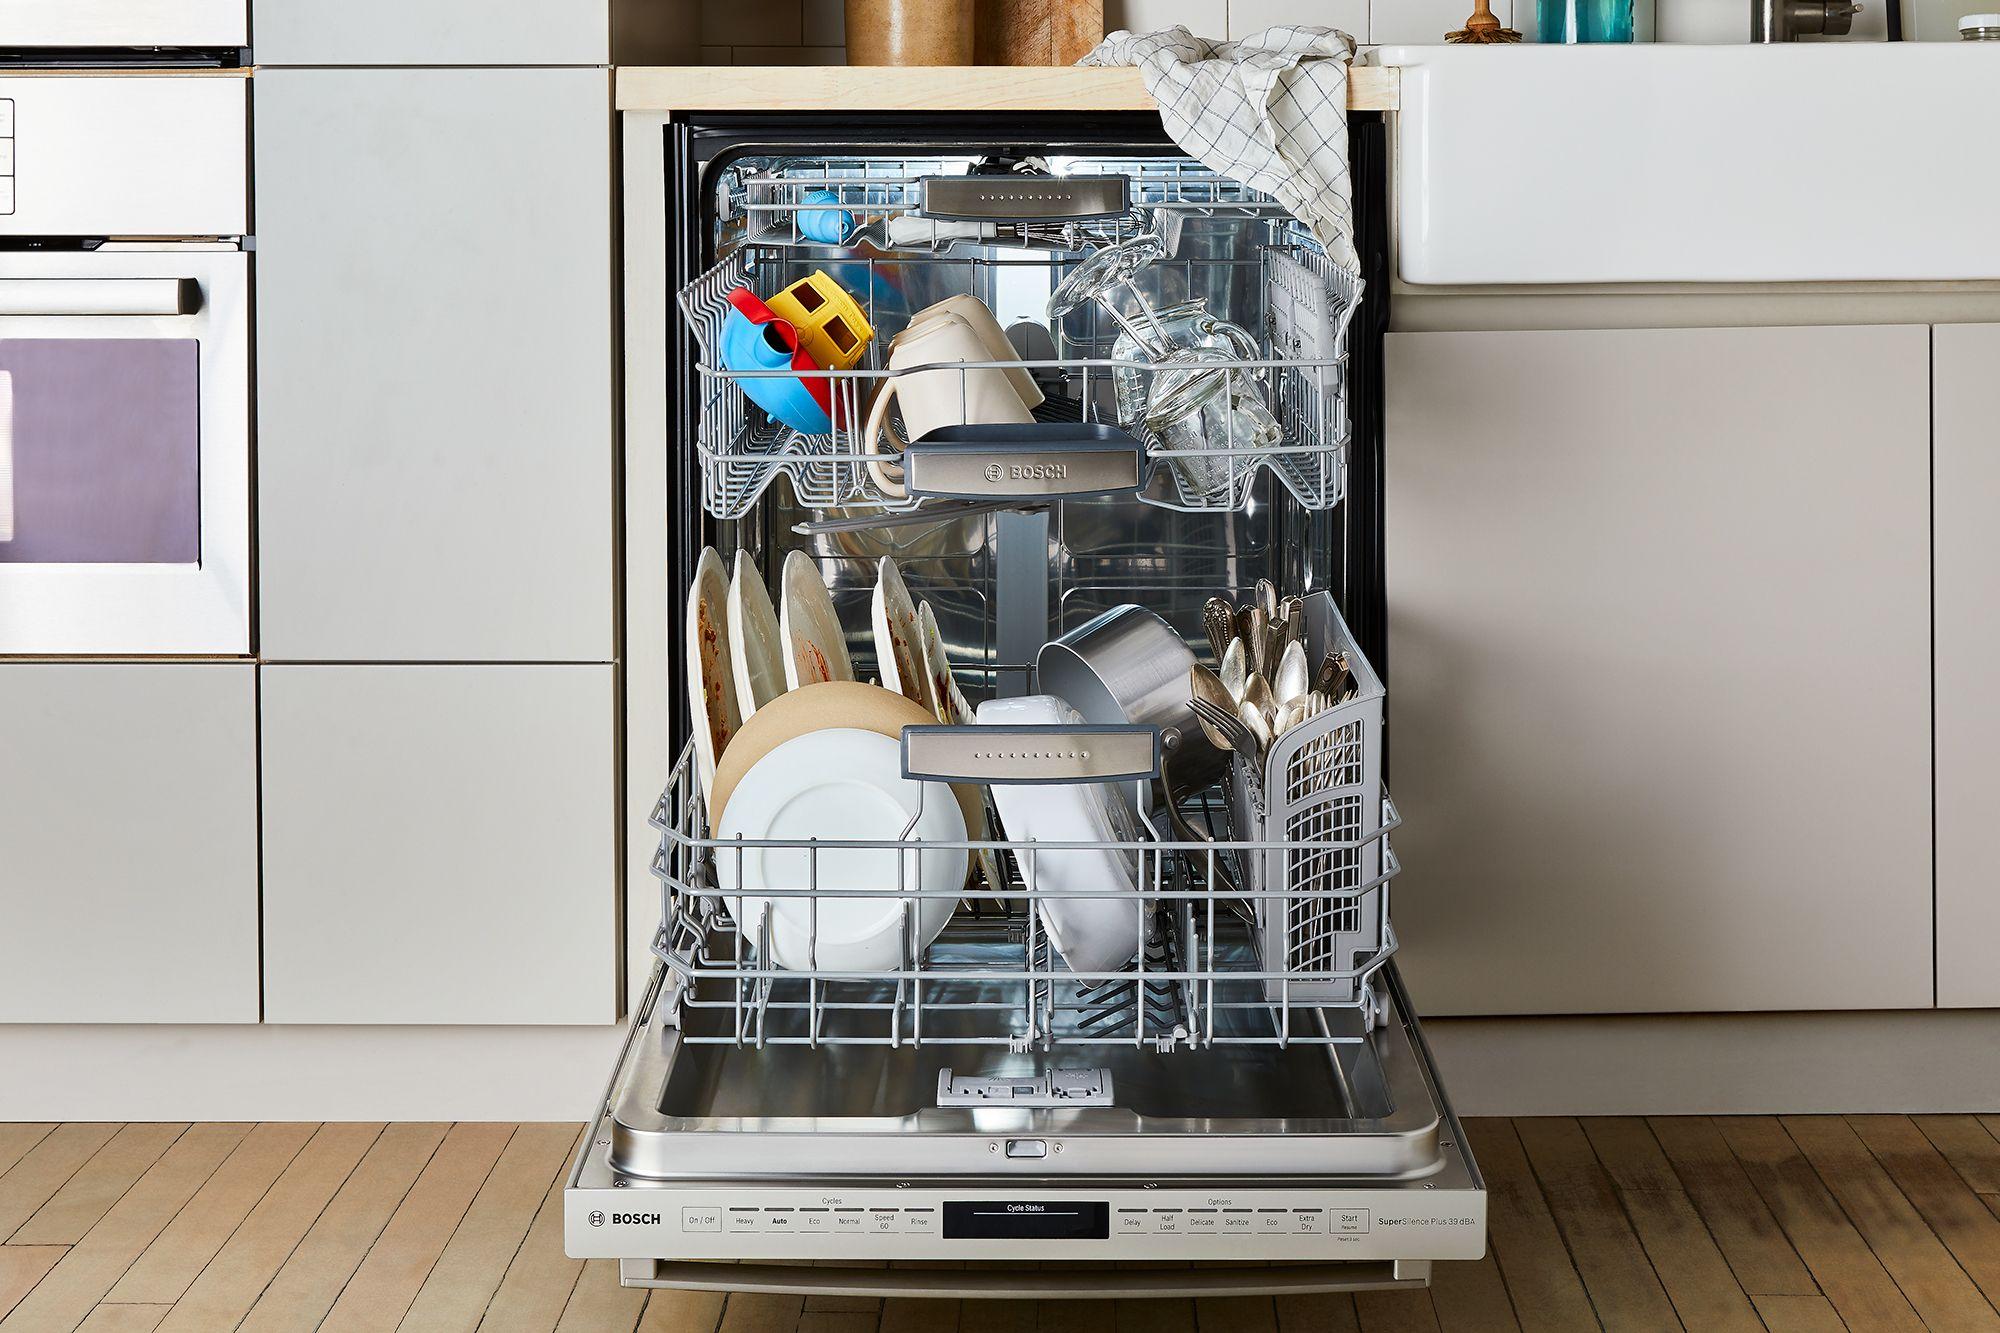 15 Dinge, die Sie Sollten Niemals in der Spülmaschine